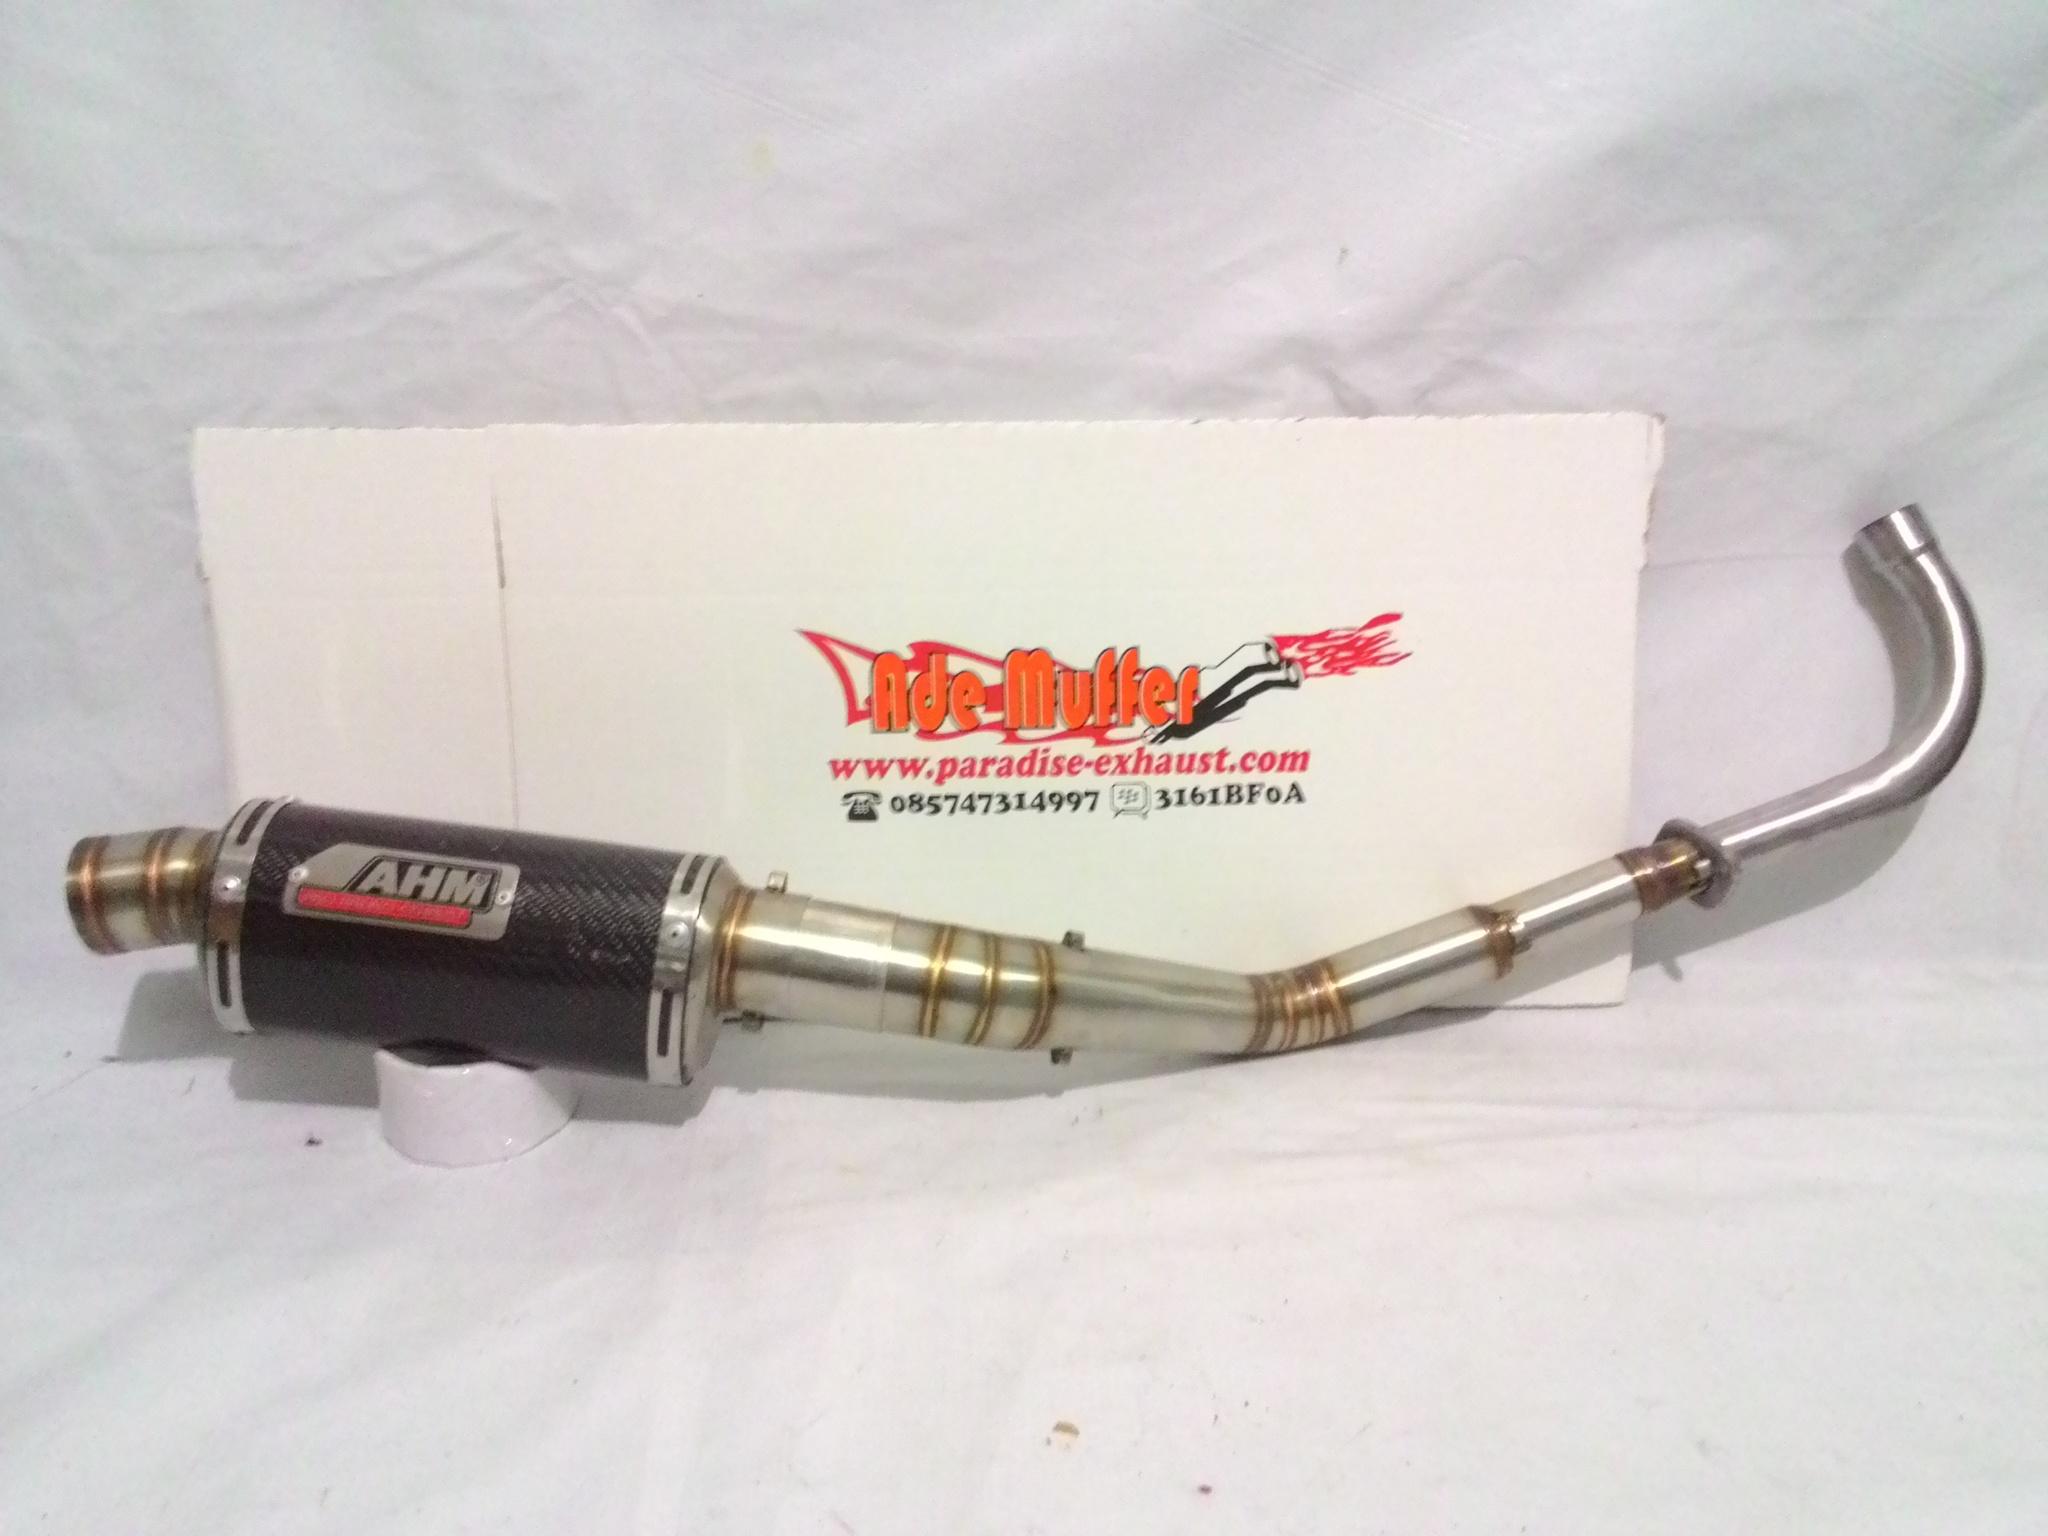 Knalpot AHM Racing fullsystem for all motor bebek stainless argon